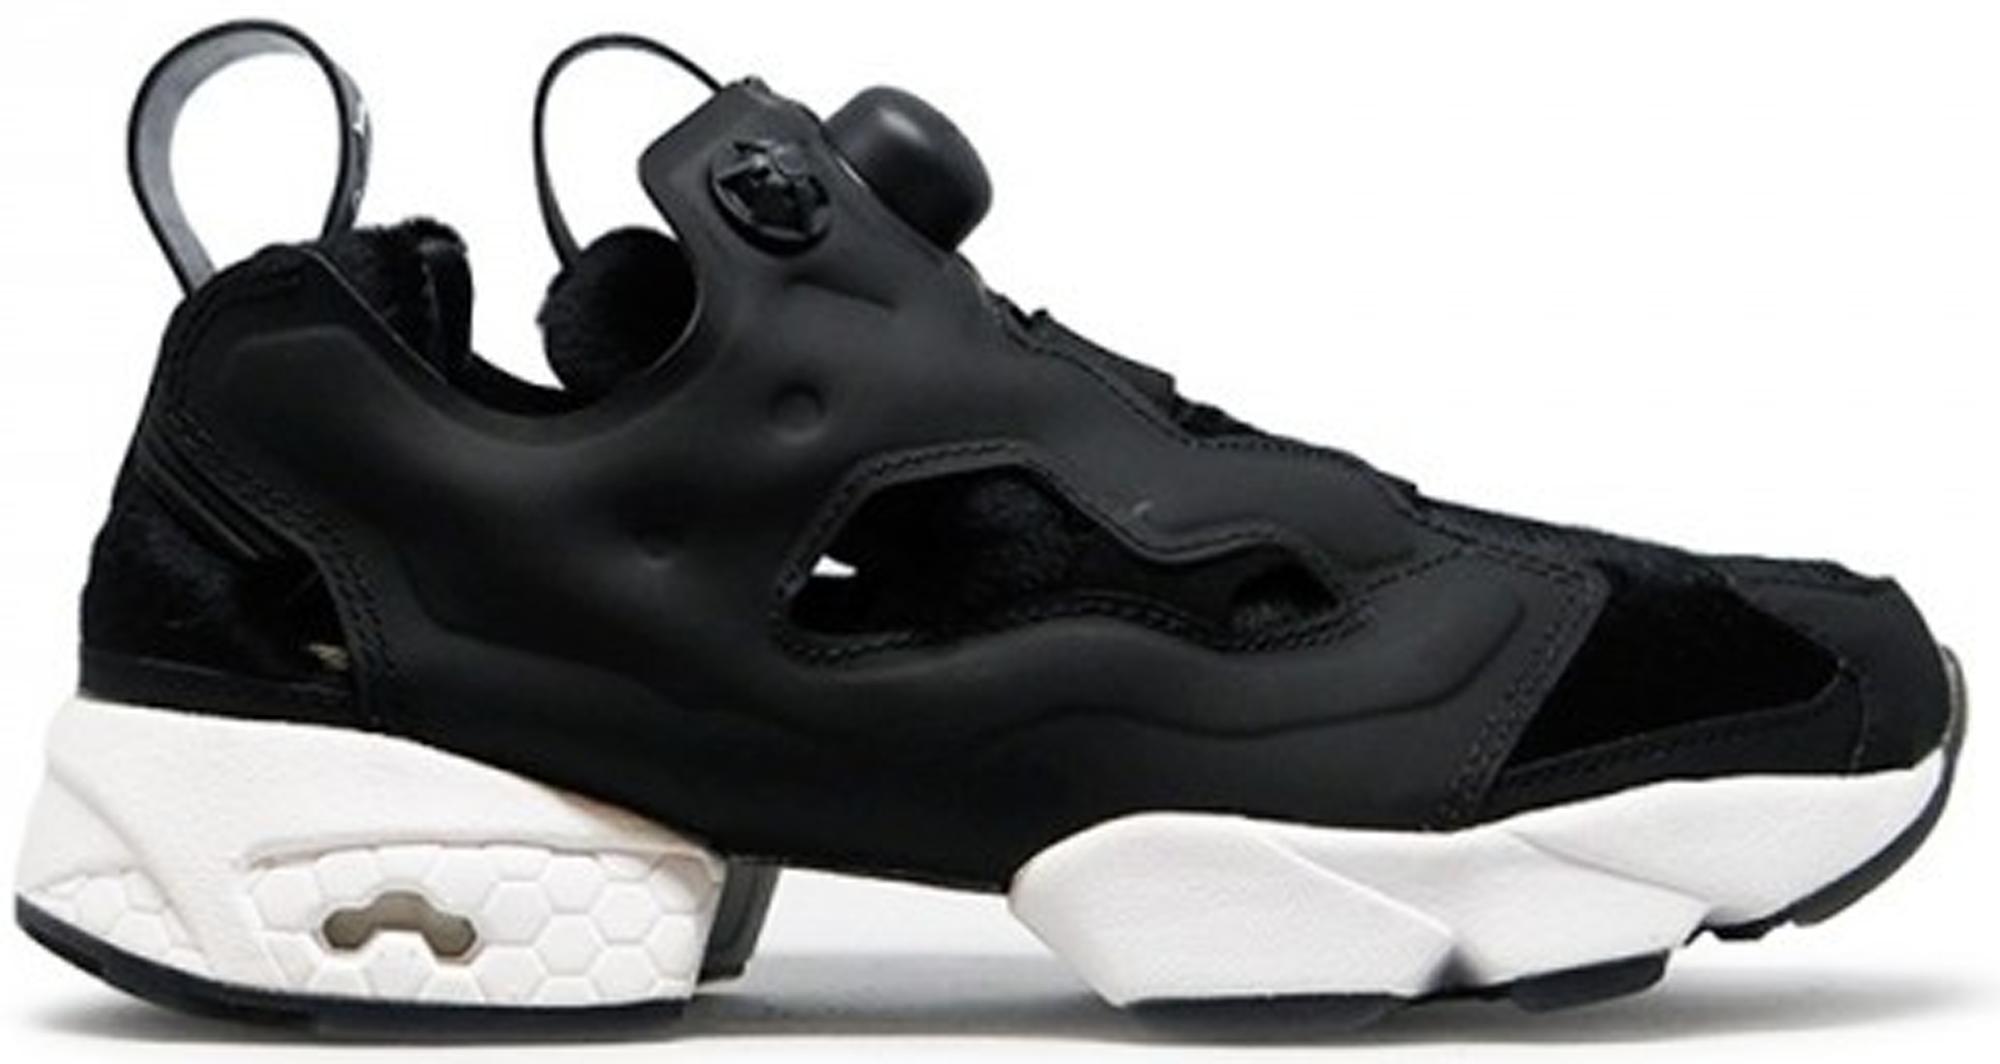 Reebok Instapump Fury Sneakerboy Black